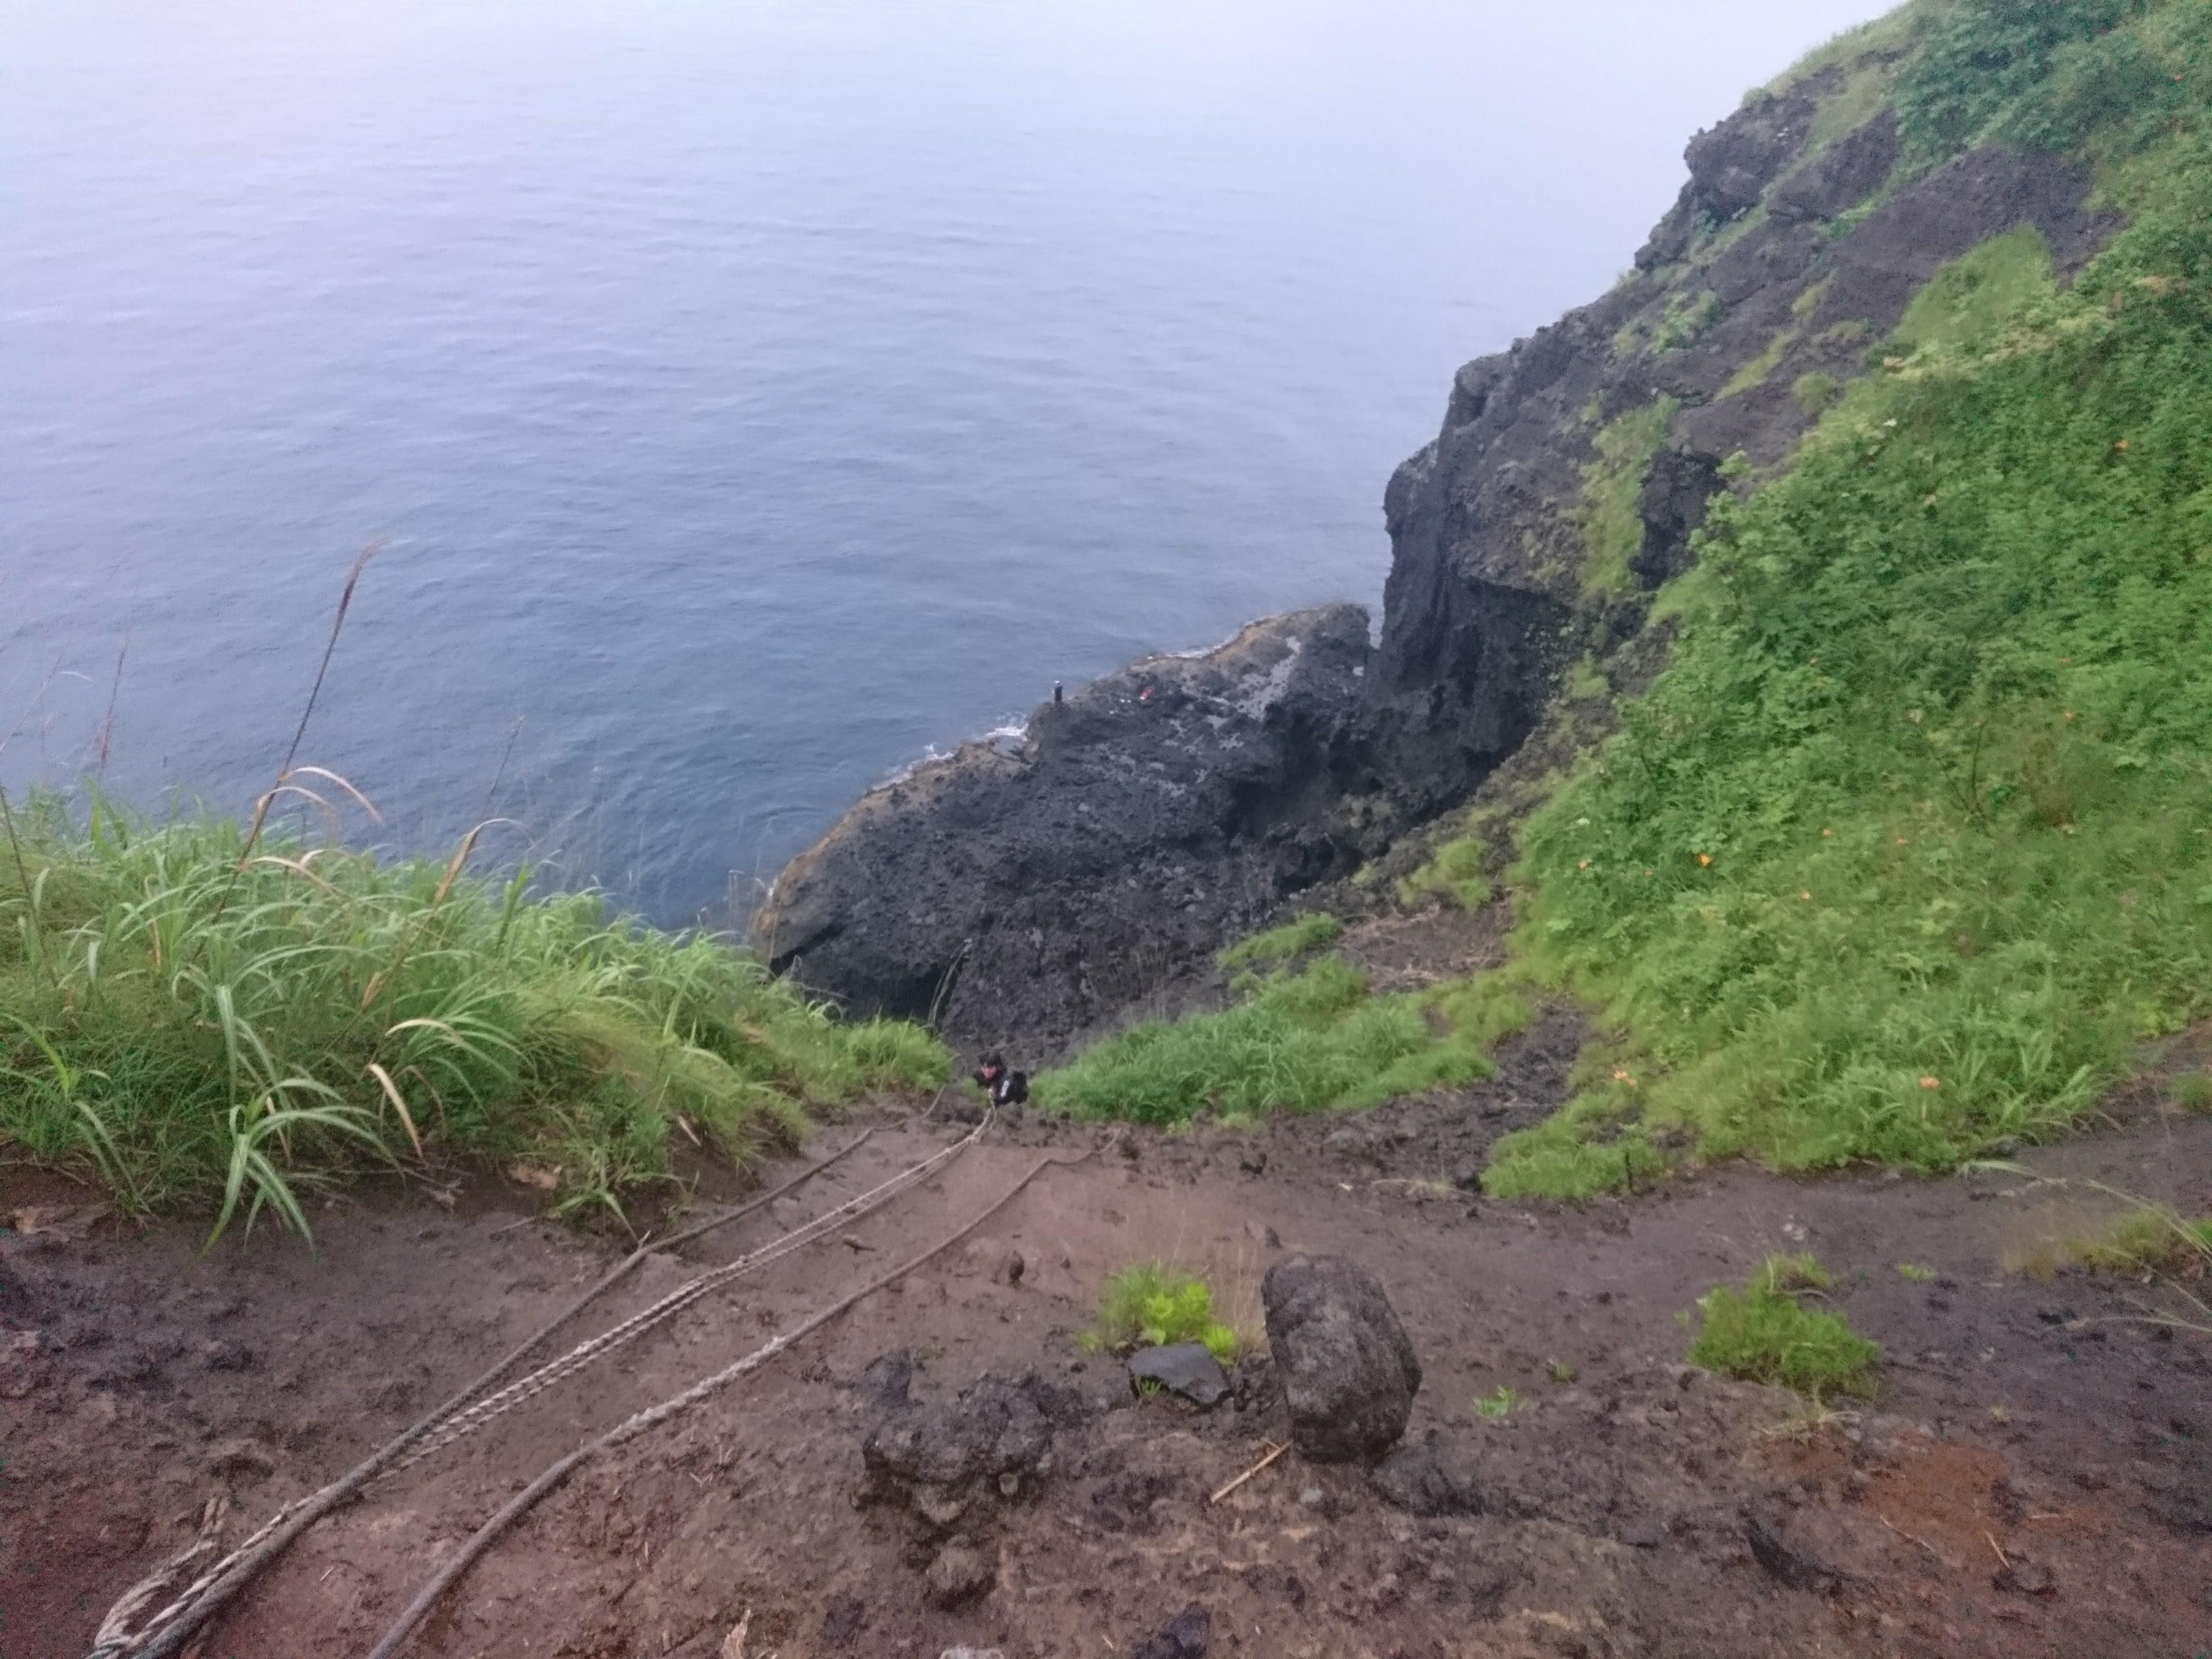 2017/6/25 積丹で崖下り!「竜ヶ岬」に行ってみた。